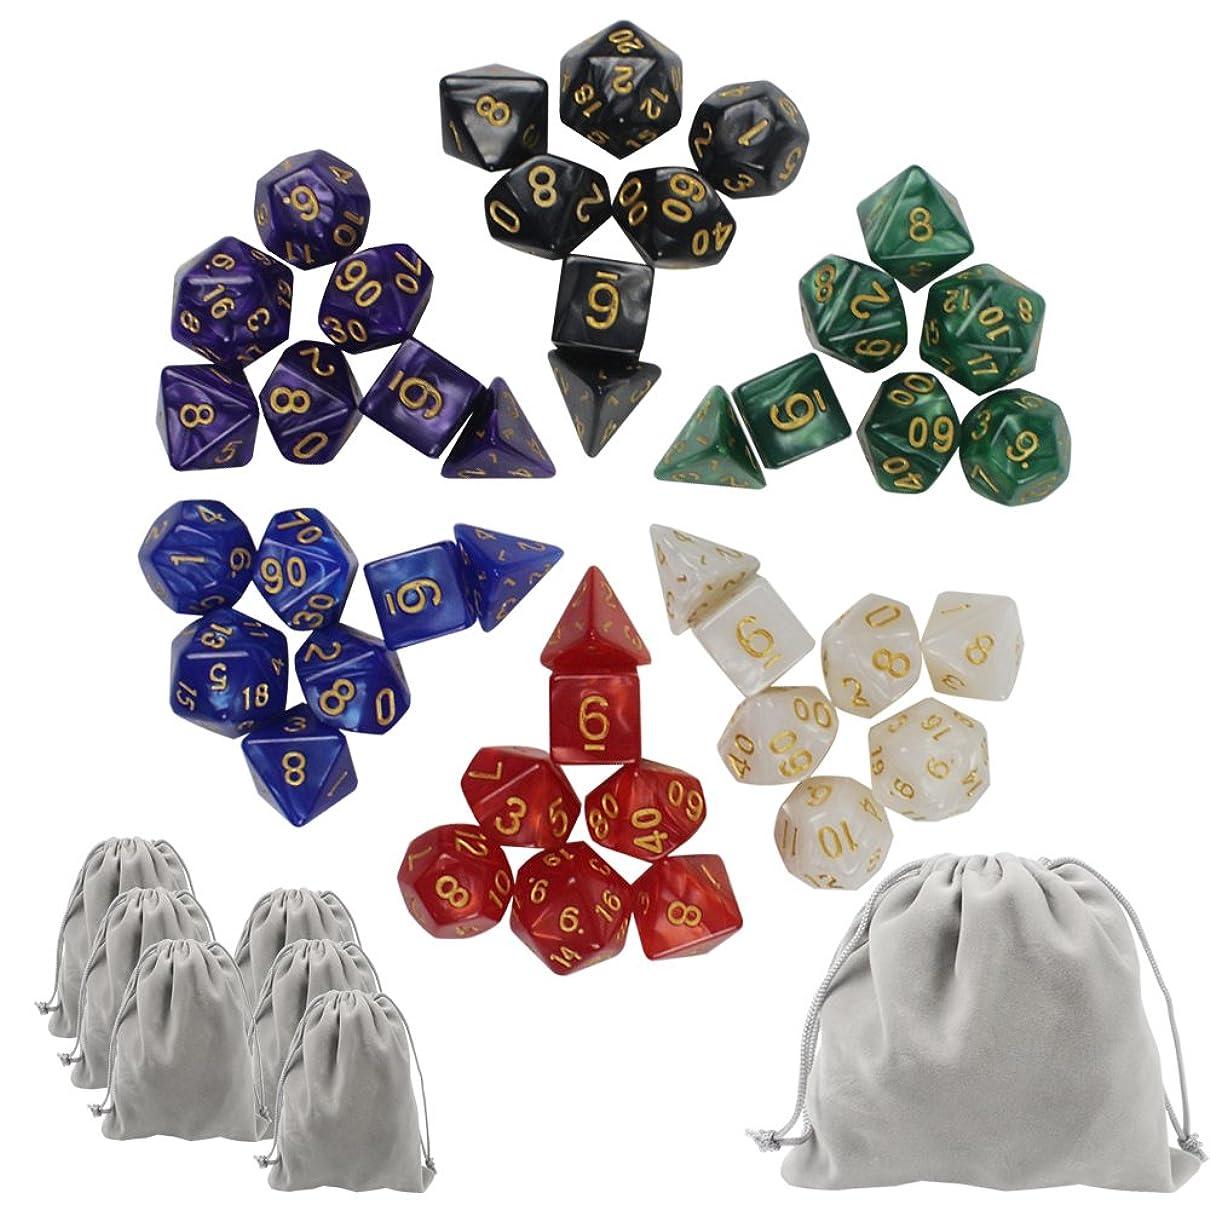 説明的凶暴な散歩に行くKUUQA trpg ダイス 6色×7種 42個 クトゥルフ 神話 ボードゲーム カードゲーム 用 ダイス セット サイコロ